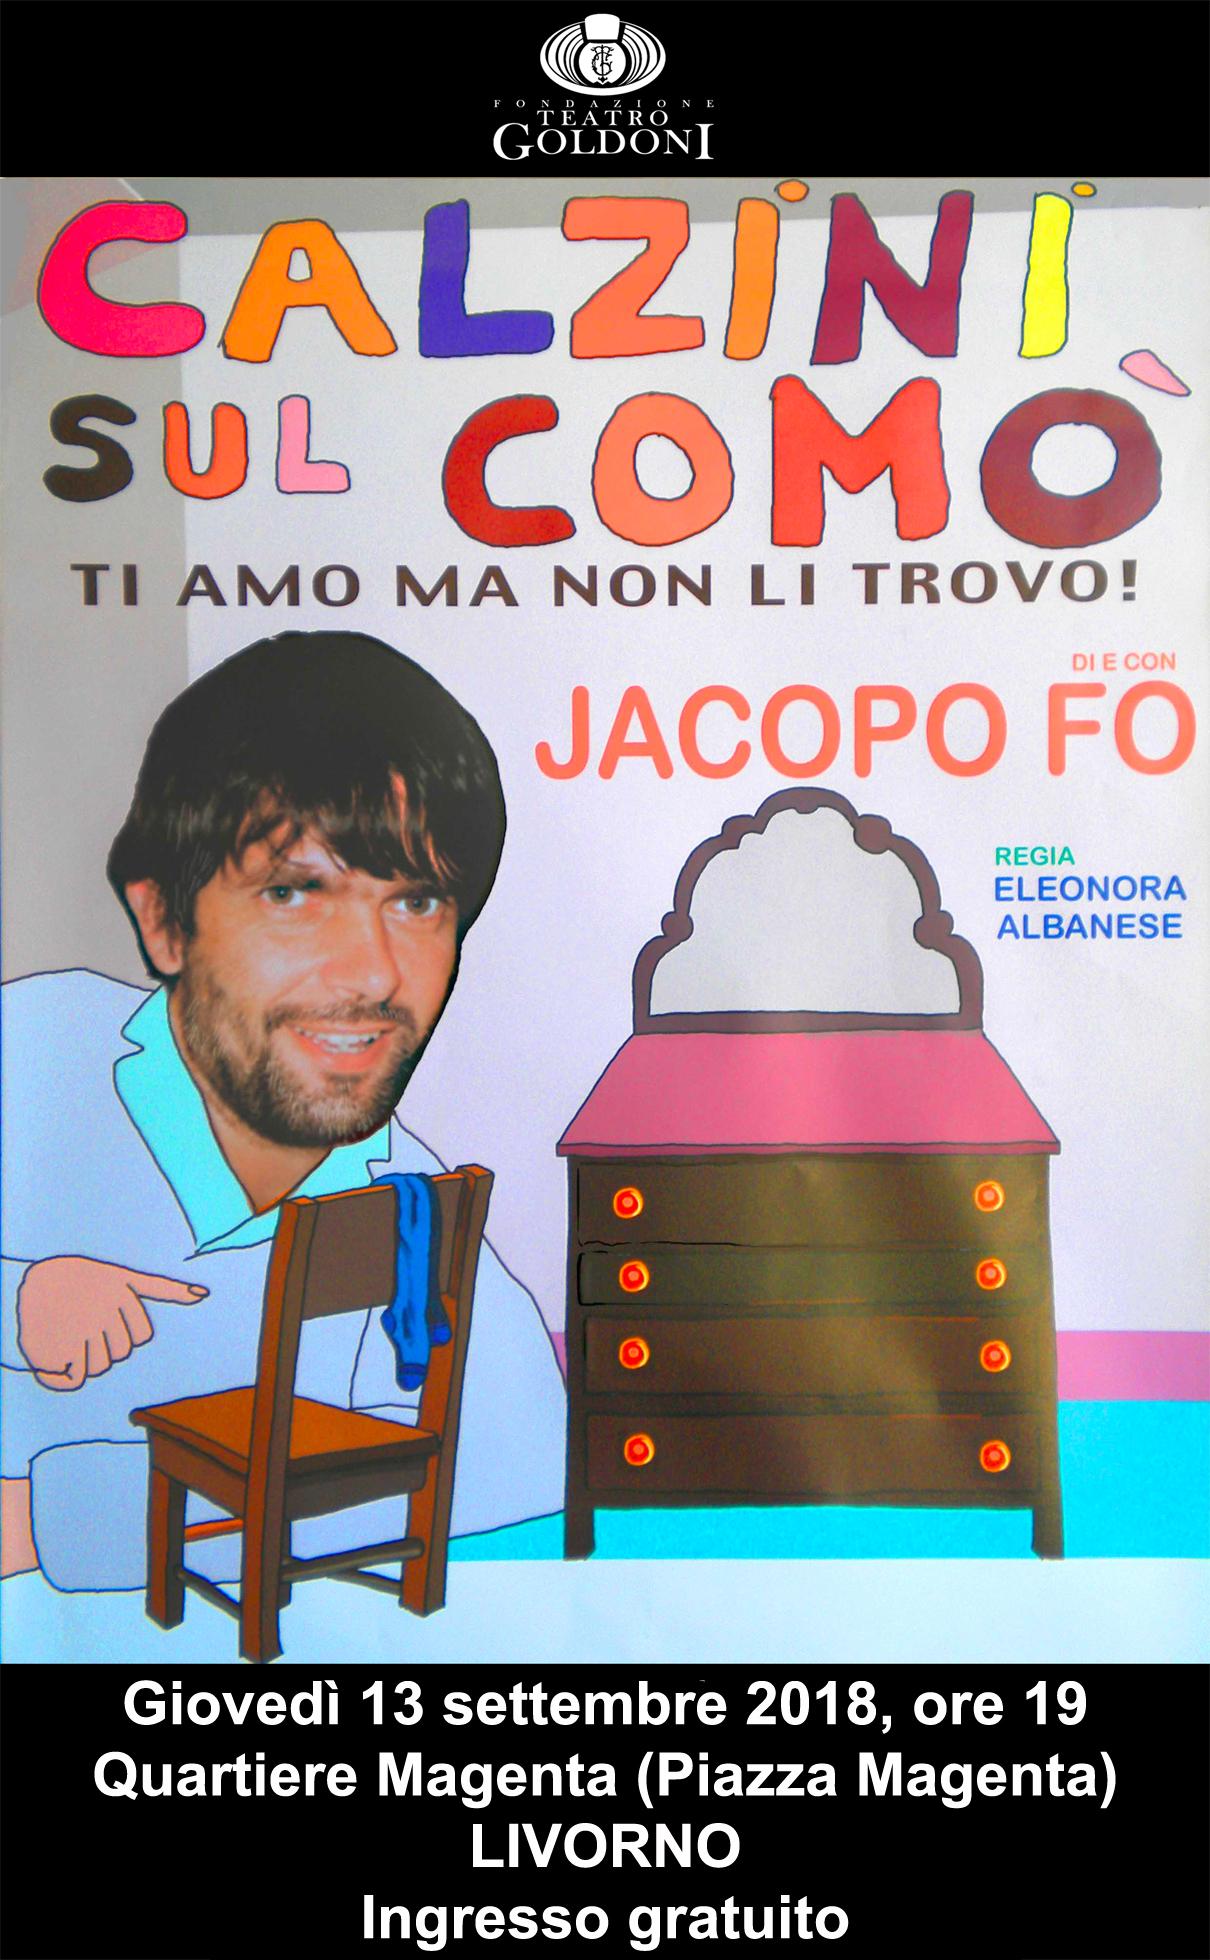 Jacopo Fo teatro Livorno